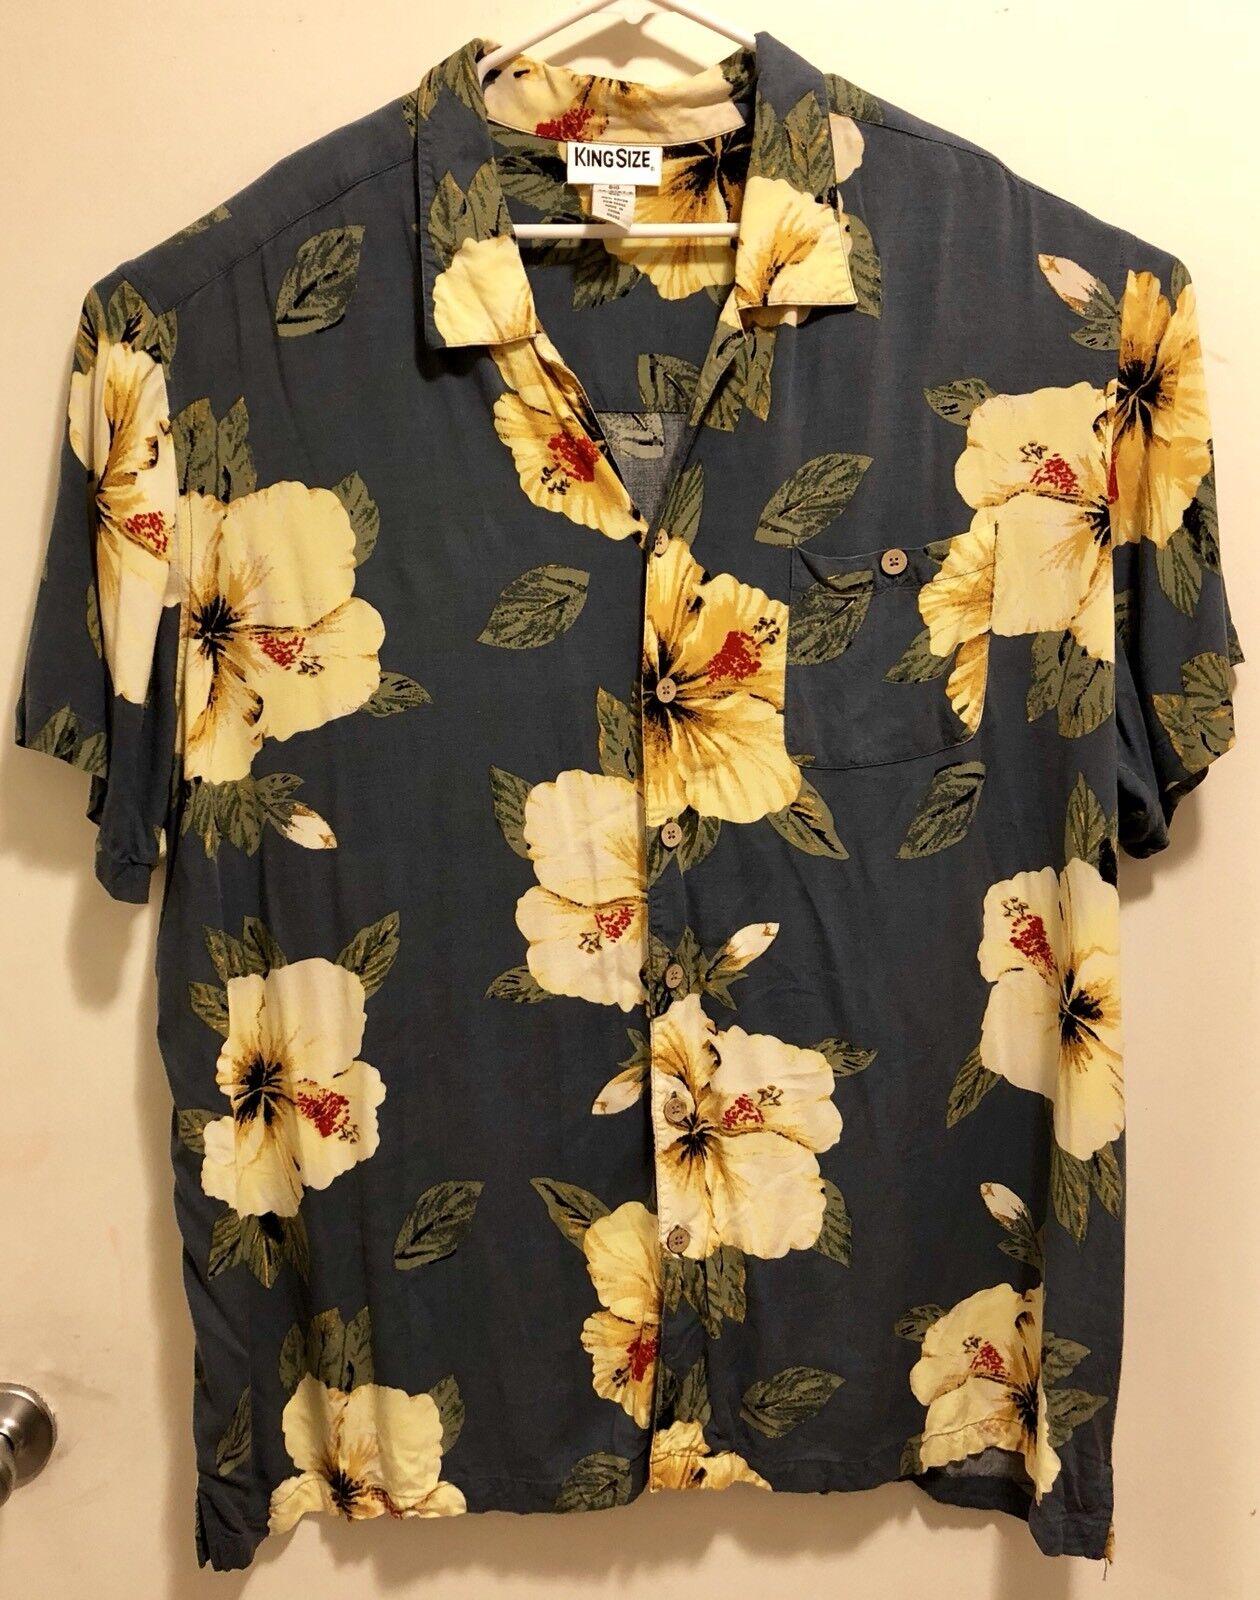 EUC King Size Hawaiian Hibiscus Floral Aloha Camp Shirt Big 4XL